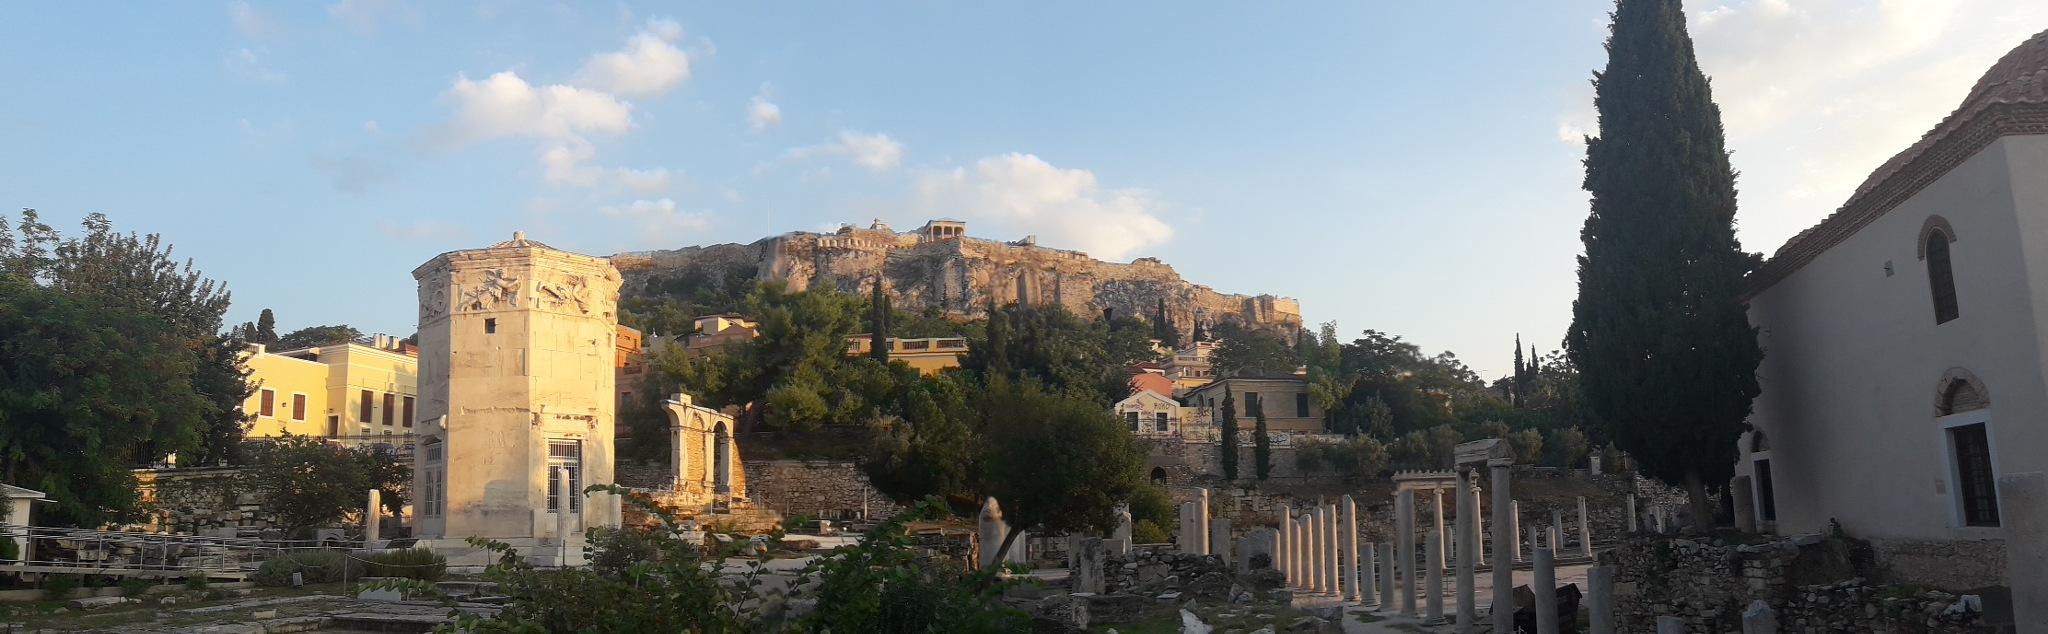 Athens Acropolis Greece  by Georgia Mel